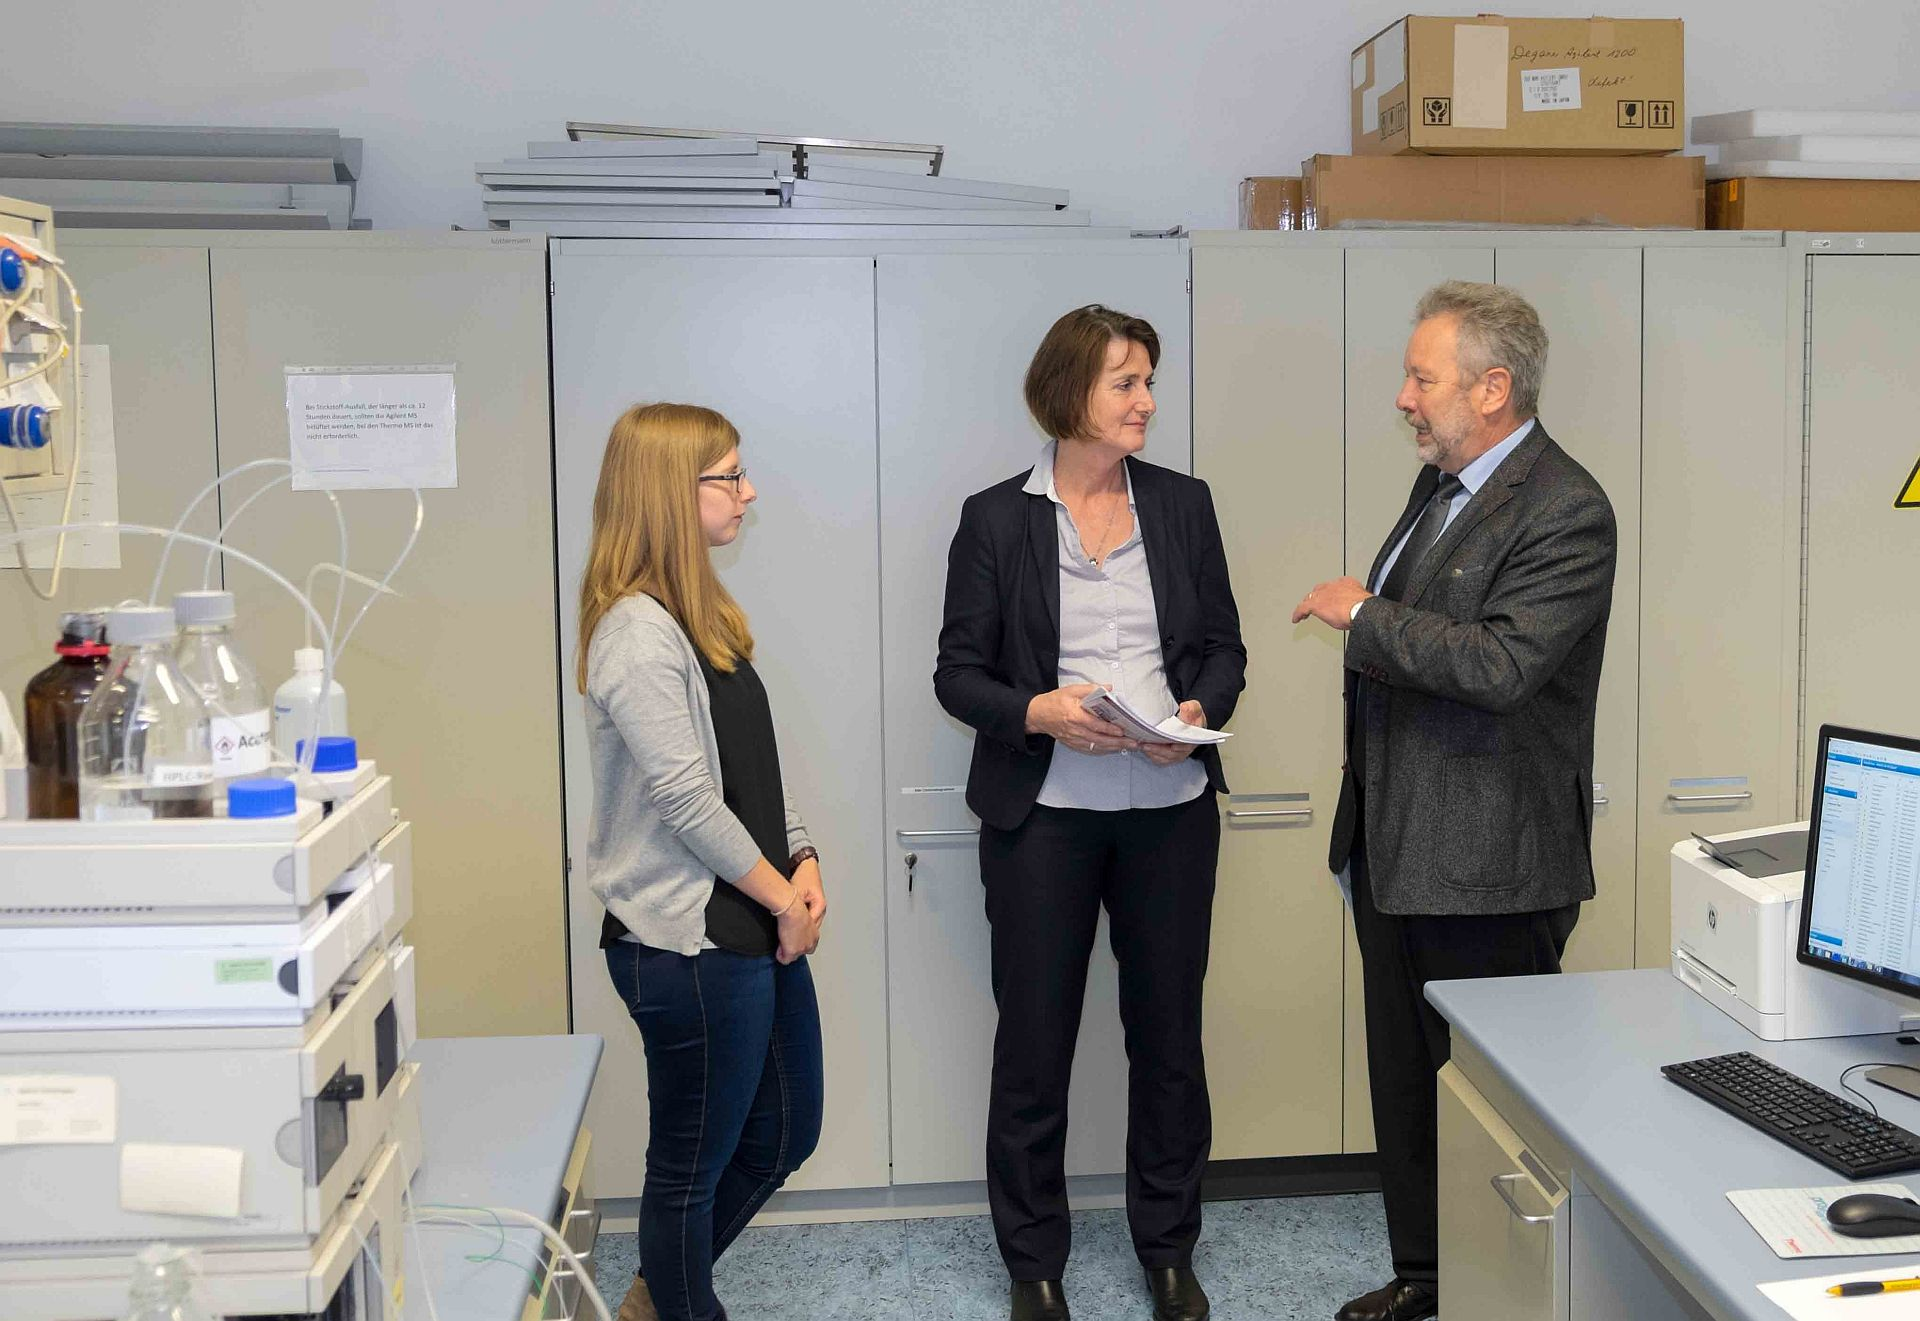 Herr Dr. Marx der stellvertretende Dienststellenleiter des CVUA Karlsruhe (rechts im Bild) und eine Mitarbeiterin der Abteilung 3 (Mitte) stellen FrauLeukhardt (rechts im Bild) die Aufgabengebiete des NRKPs in den Räumlichkeiten der Abteilung für pharmakologisch wirksame Rückstände des CVUA Karlsruhe vor.